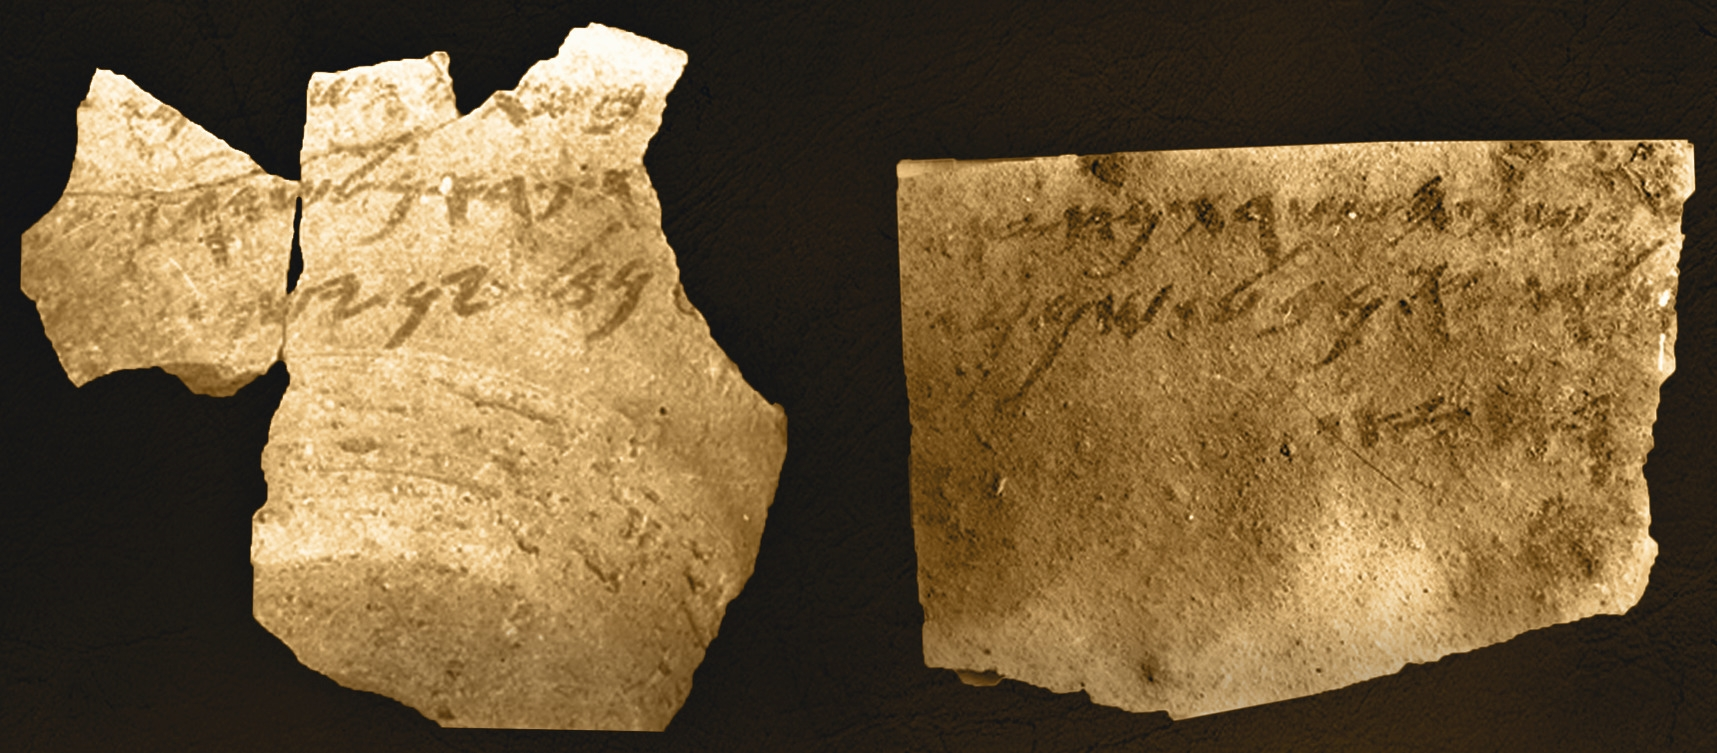 Artefato arqueológico com inscrições de Samaria (The Semitic Museum of Harvard University)